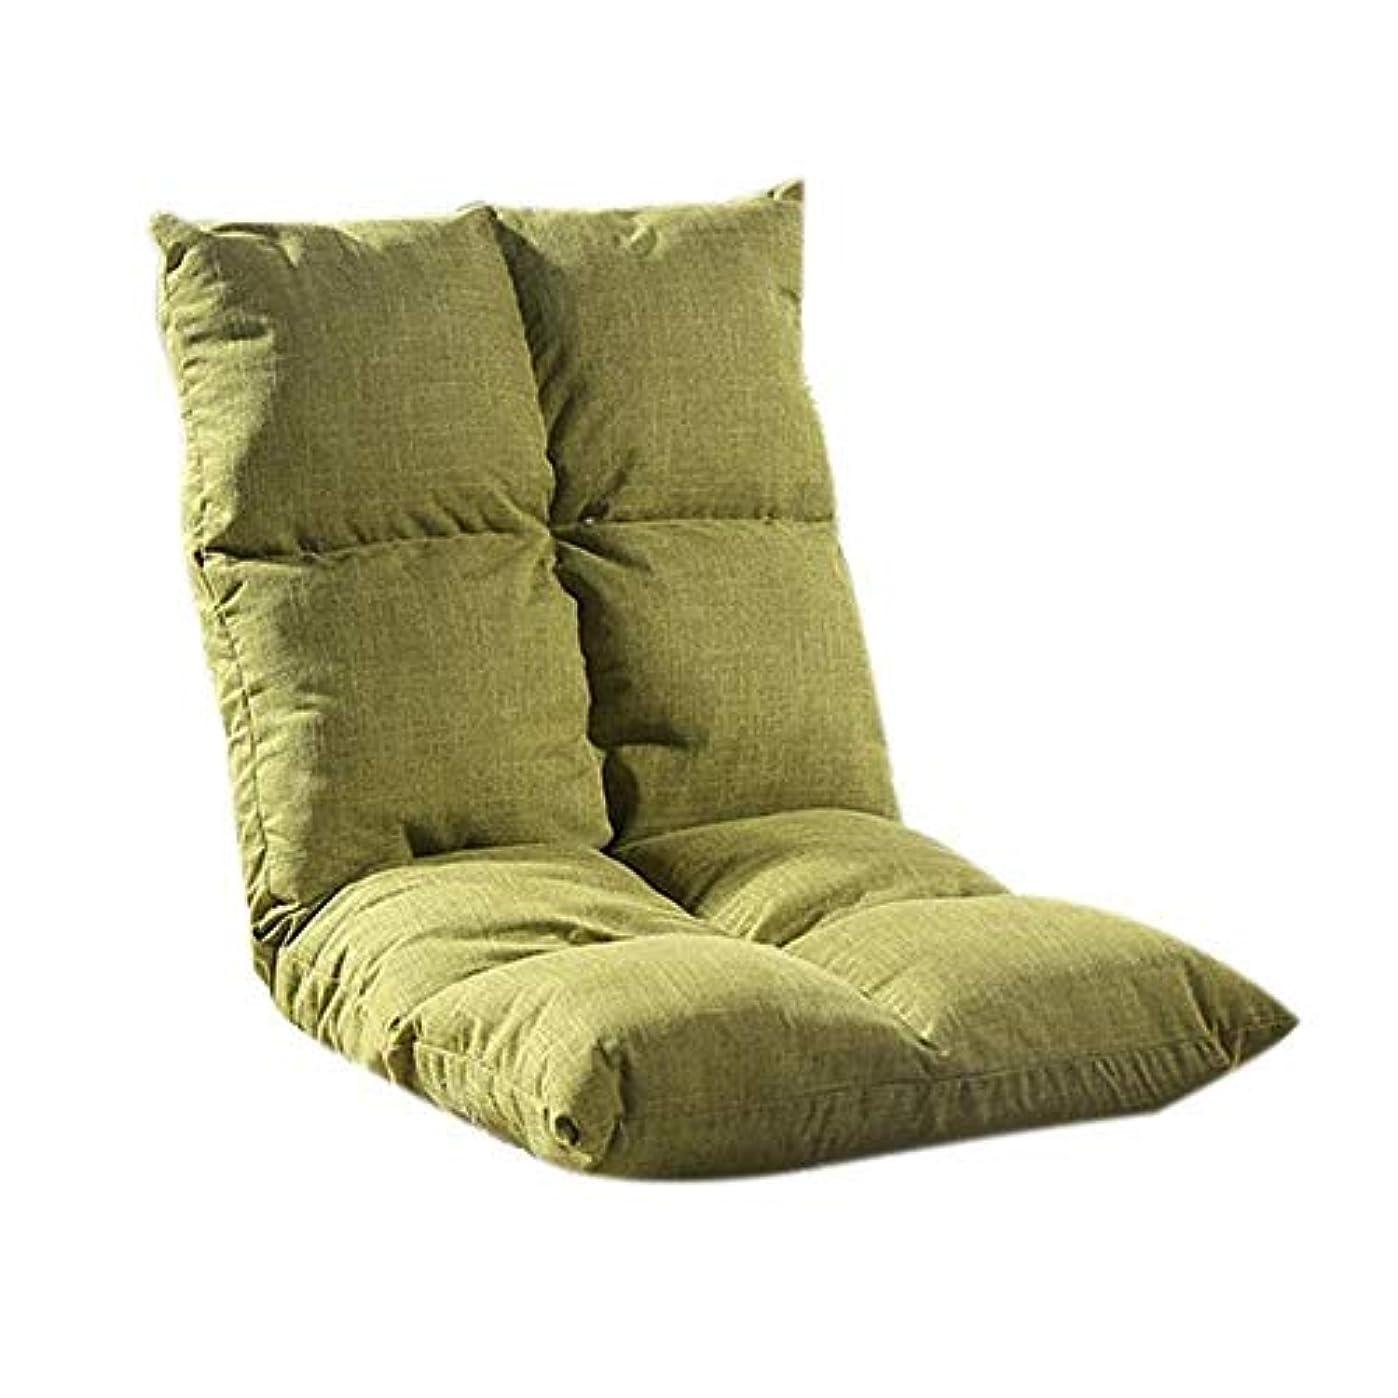 スズメバチ装備する現実的怠zyなフロアチェア、畳クッション、シングルメディテーションチェア、背もたれ一体型フロアクッション、折りたたみ式厚手バルコニー和風、調節可能な椅子怠Adjustなソファゲームチェア (Color : 緑)